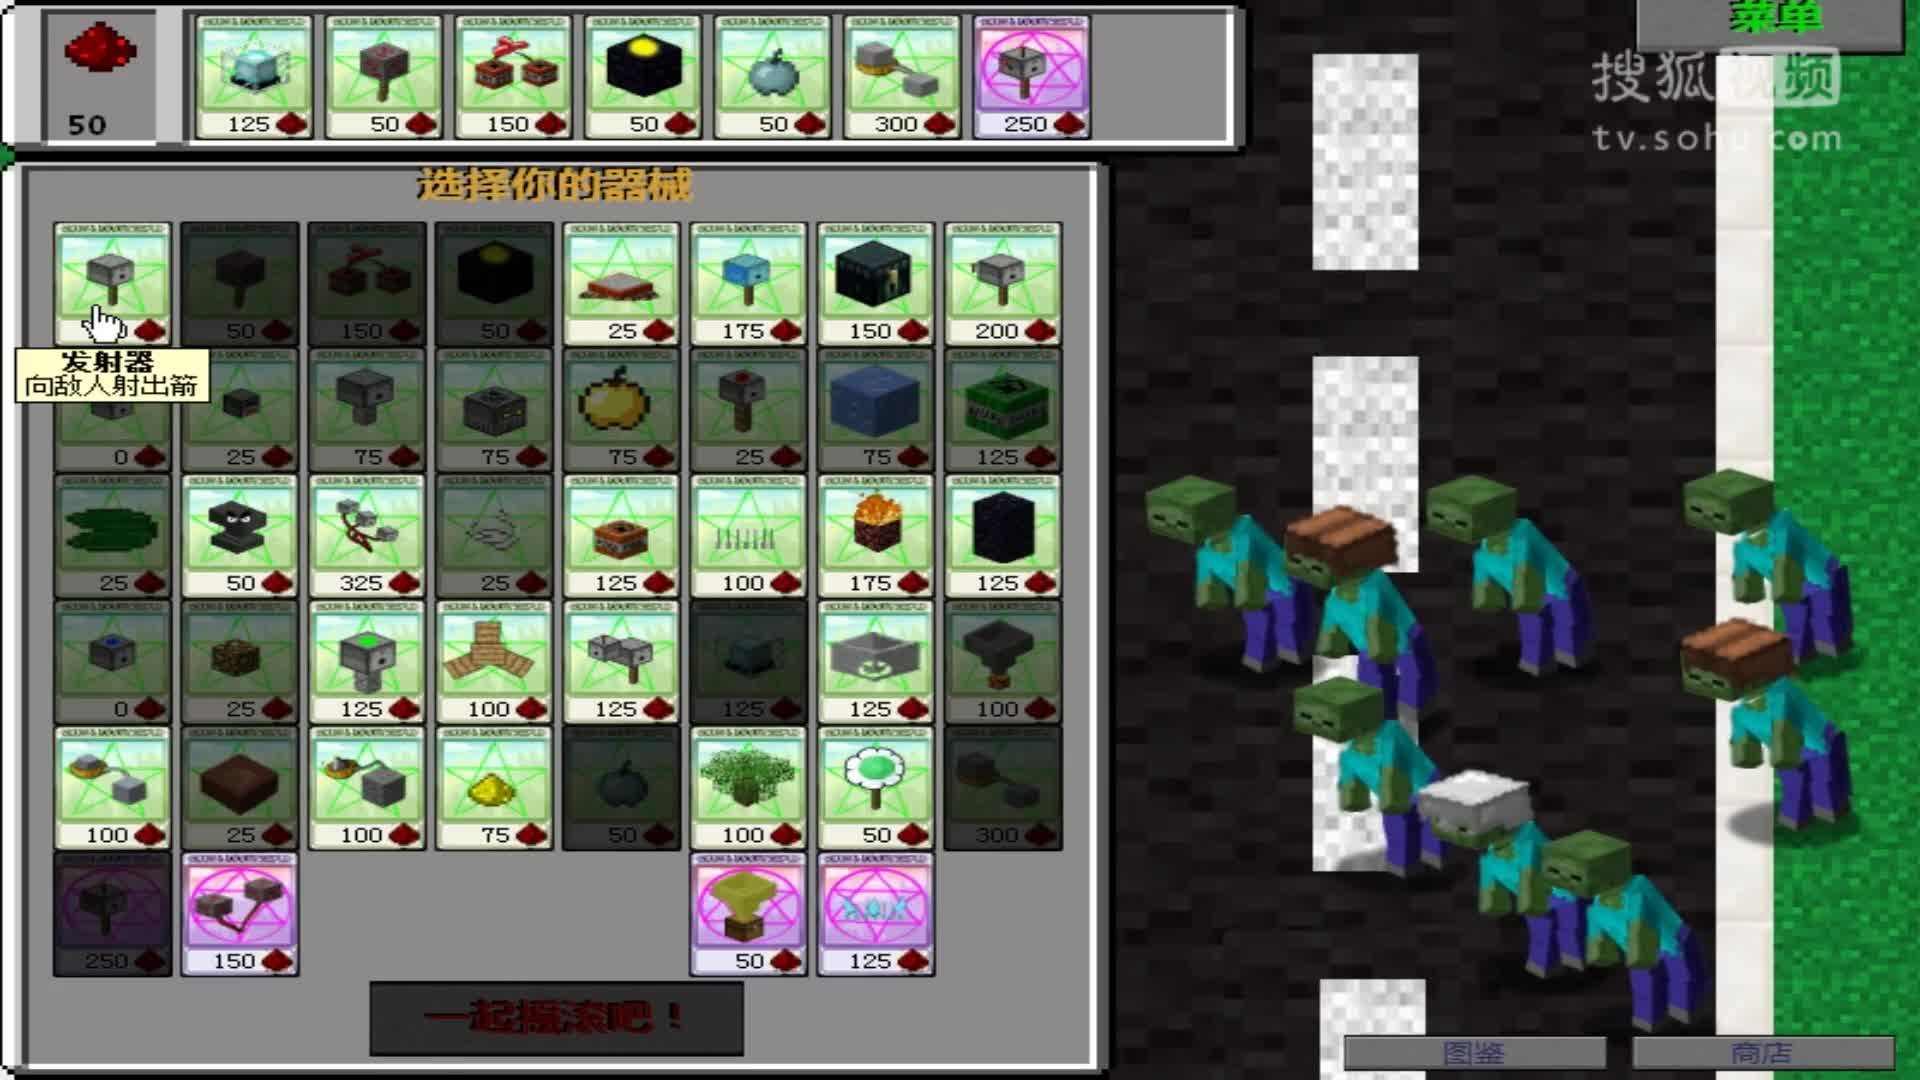 我的世界之植物大战僵尸版本 V1.7.4 安卓版截图5